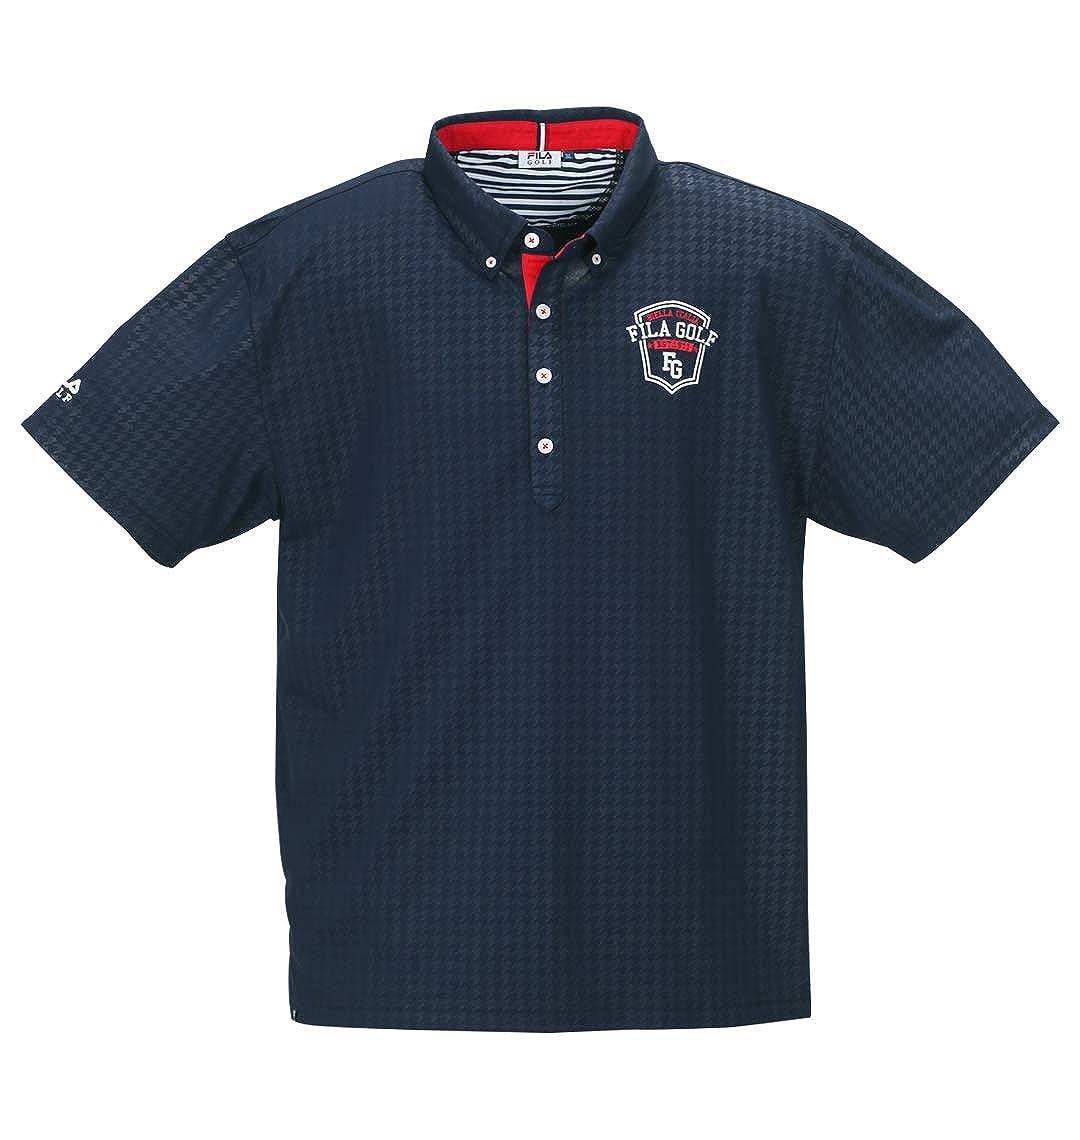 (フィラゴルフ) FILA GOLF 大きいサイズ チドリエンボス半袖ポロシャツ 6L  B07Q24SMSM